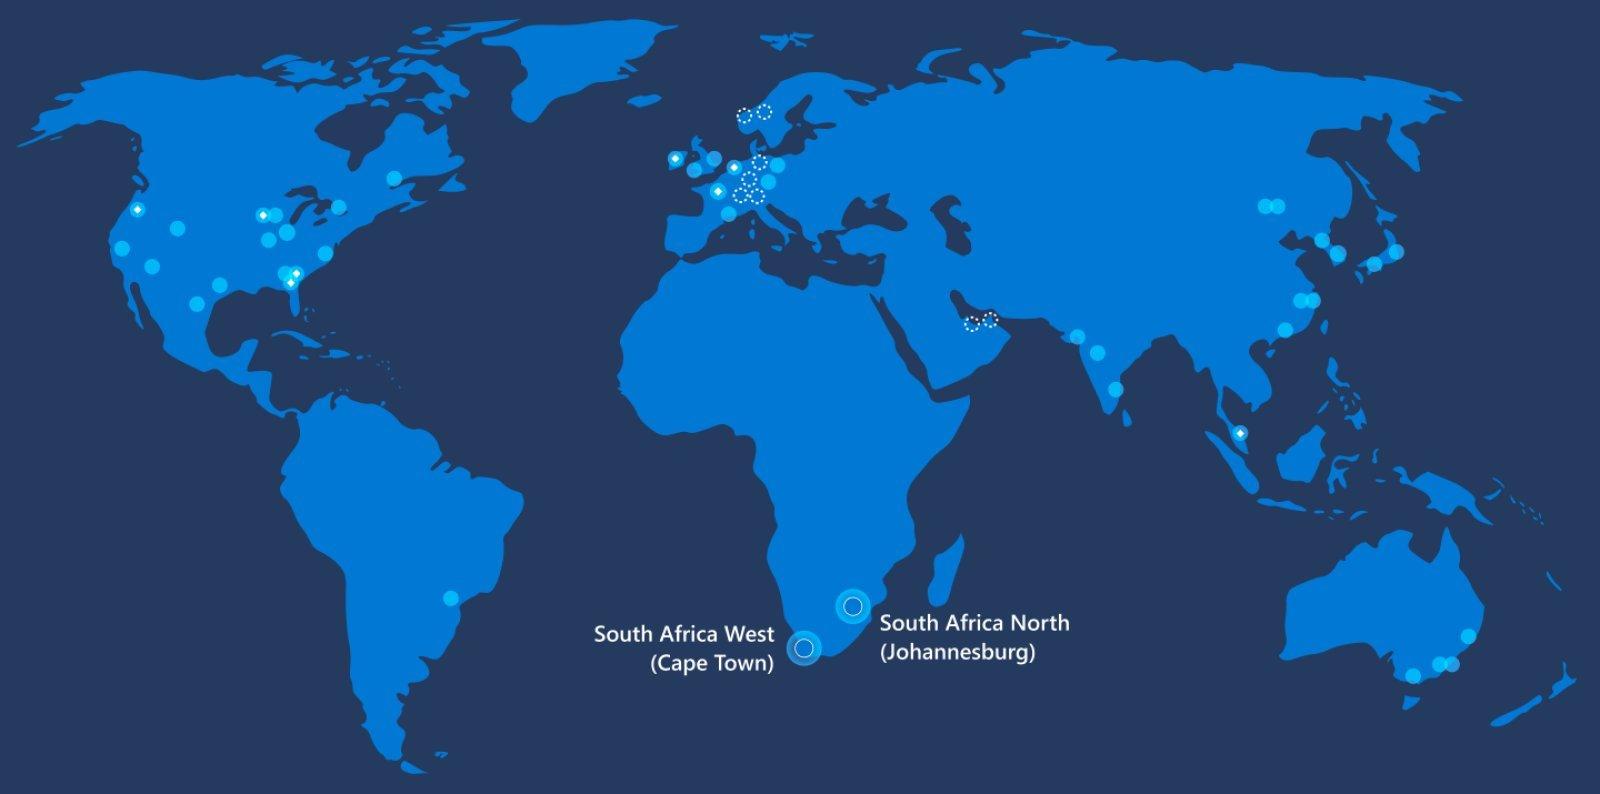 مايكروسوفت تفتح أول مركز بيانات للخدمات السحابية في جنوب إفريقيا